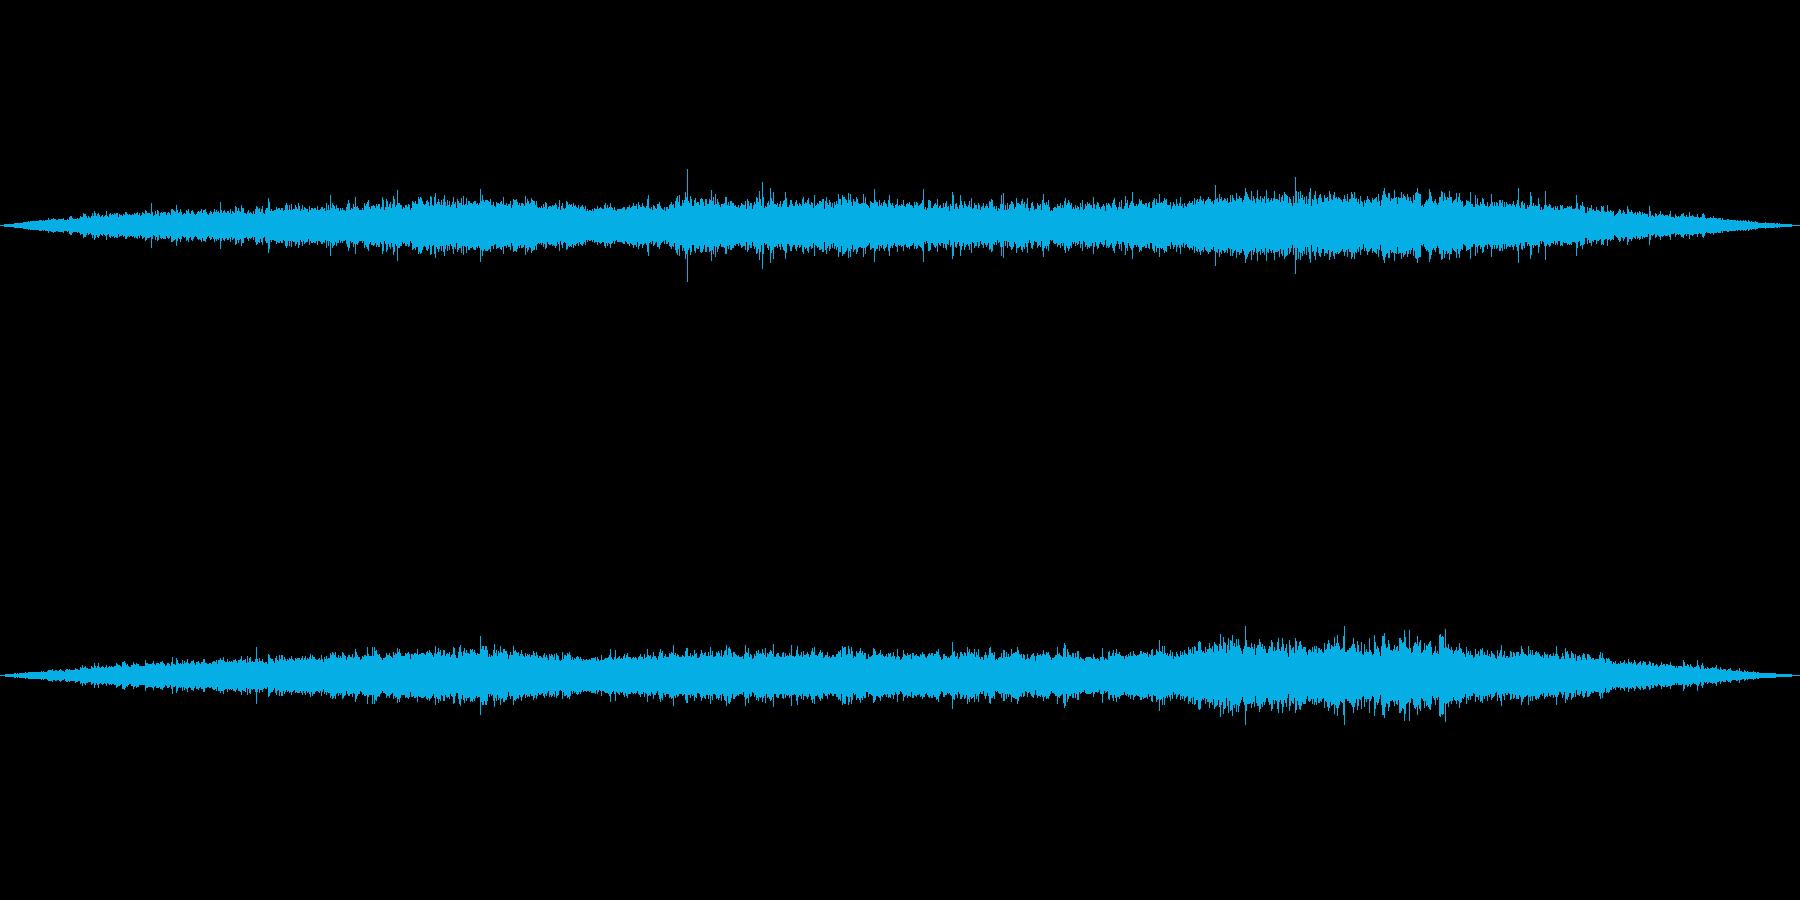 【環境音】500個の風鈴の音01の再生済みの波形